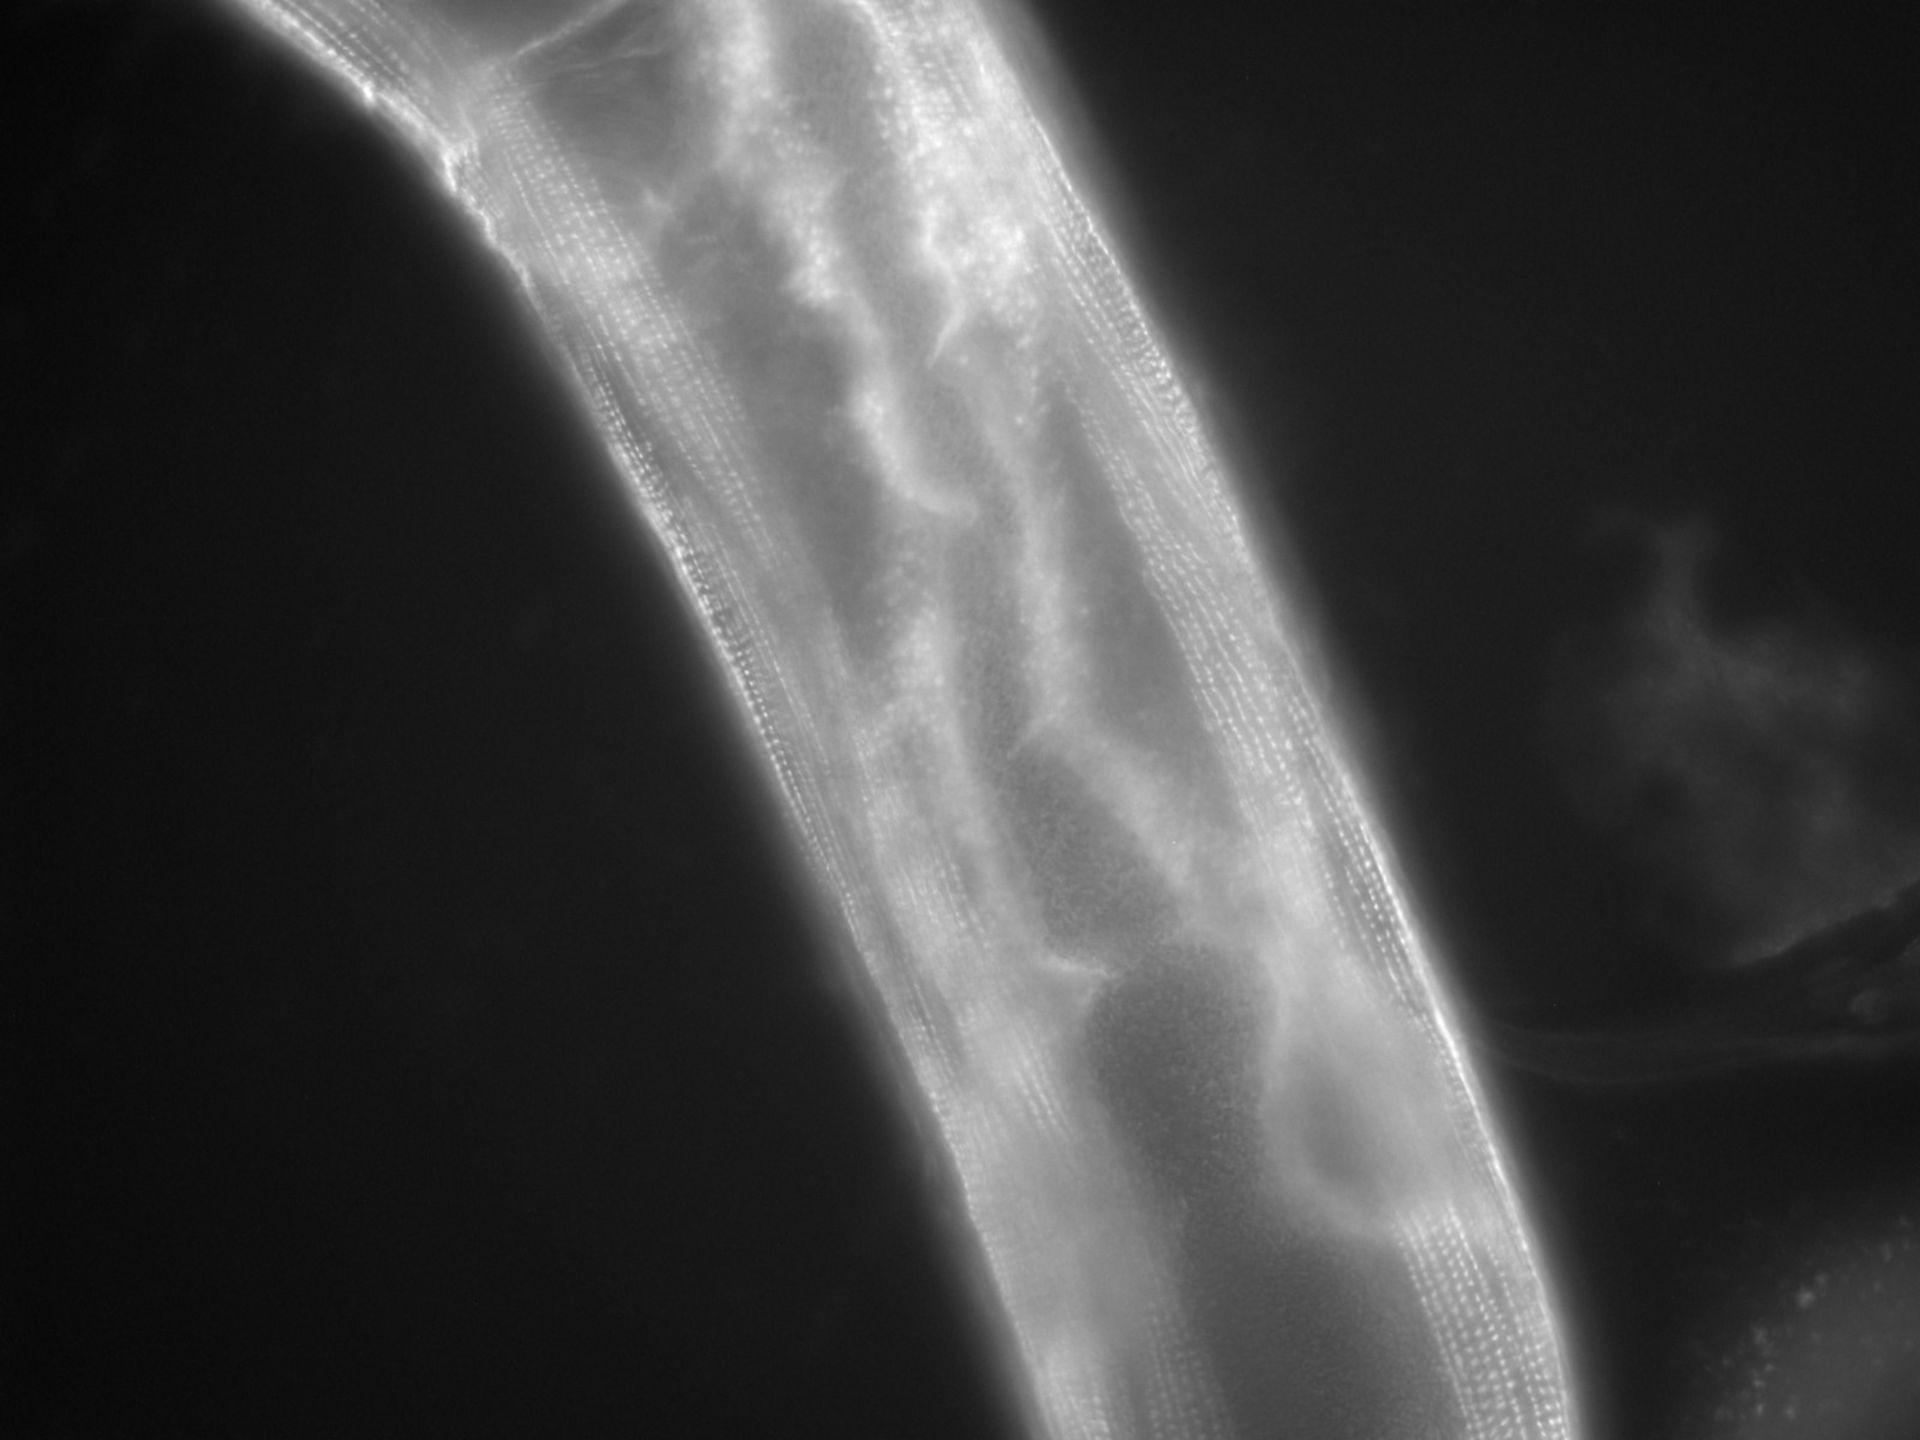 Caenorhabditis elegans (filamento di actina) - CIL:1119